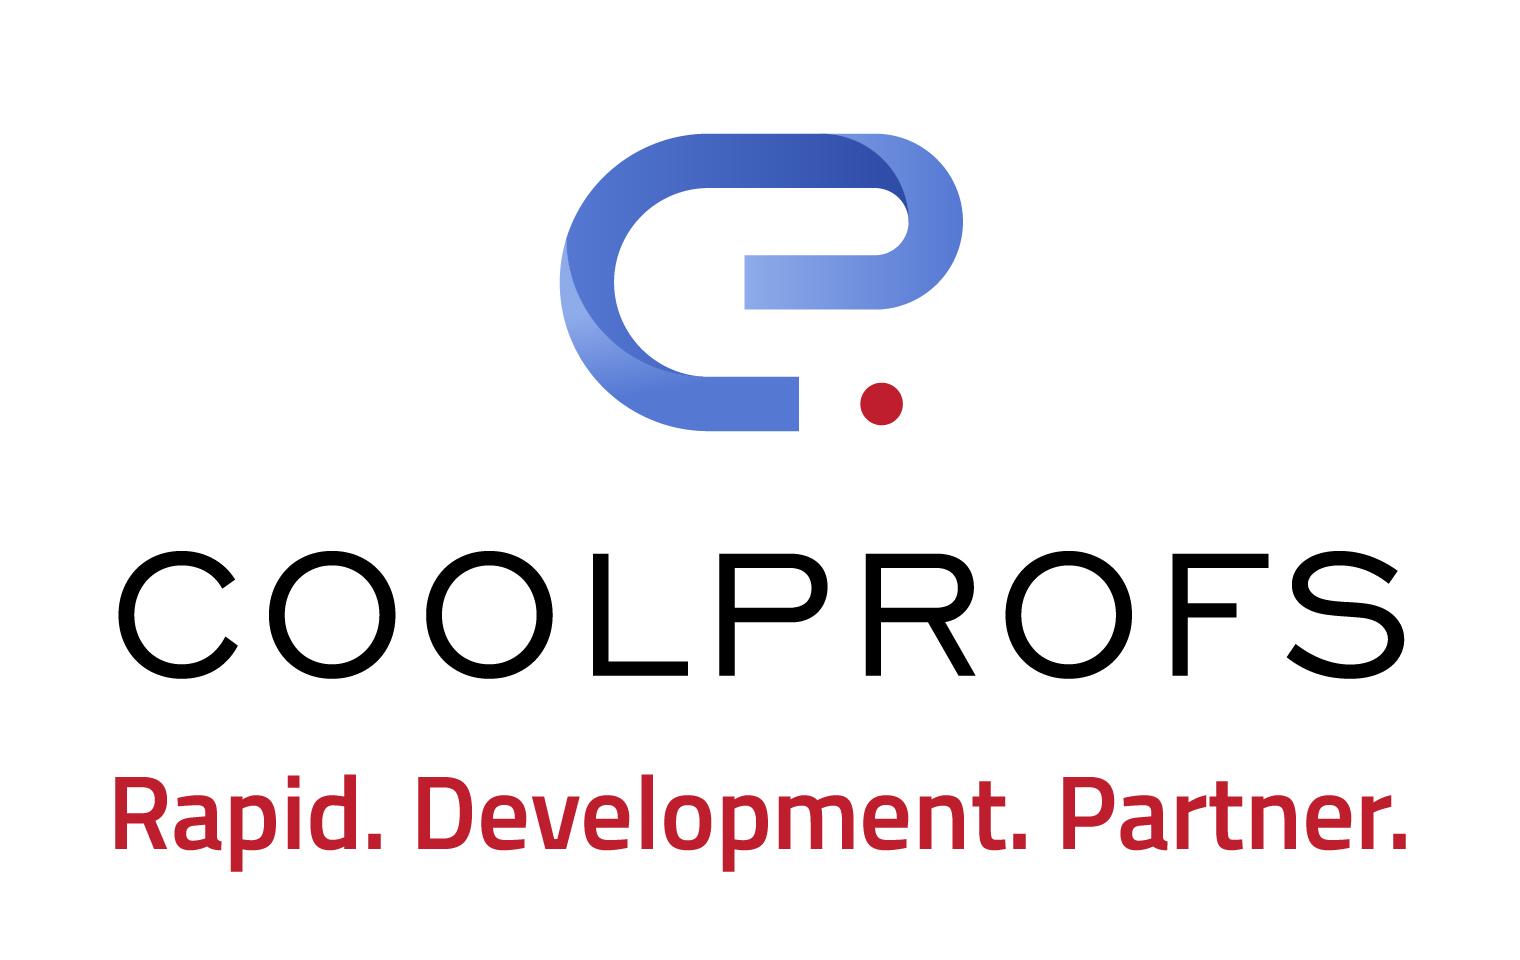 Cp logo tag wide fc 4x 100 j 637402781549718140